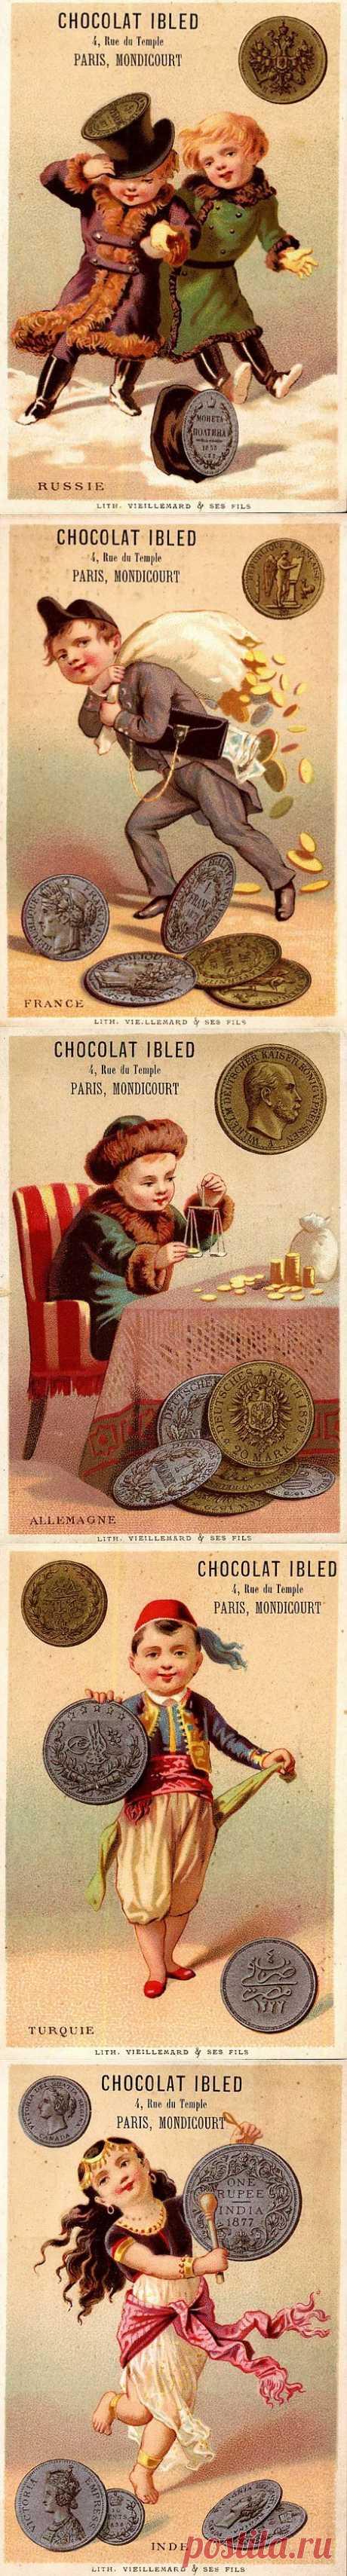 Старая реклама шоколада - монеты.